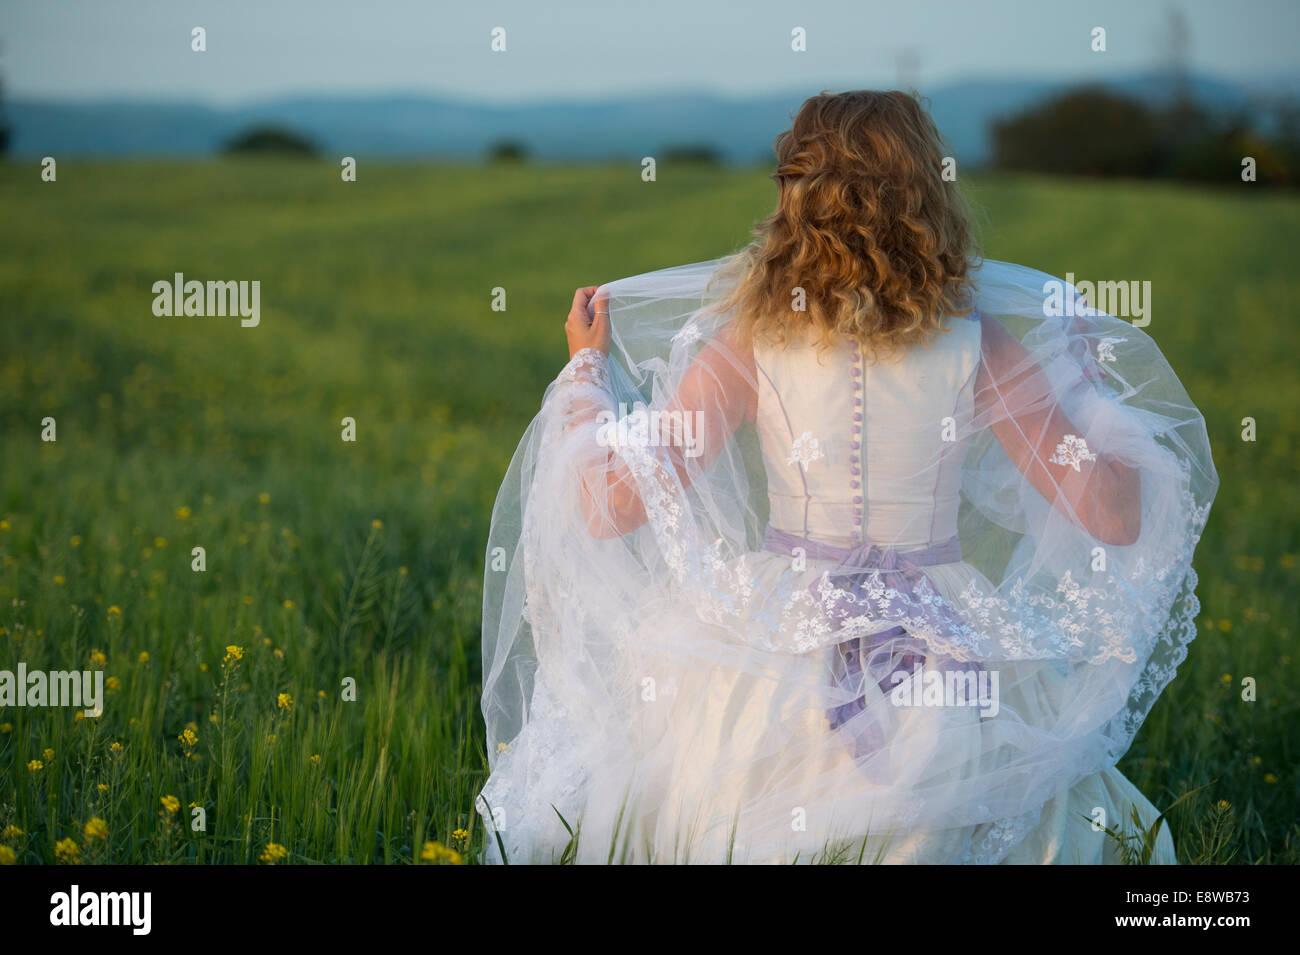 Il Runaway Sposa - una giovane donna ragazza in un abito da sposa in piedi in un campo di fiori gialli sera Immagini Stock